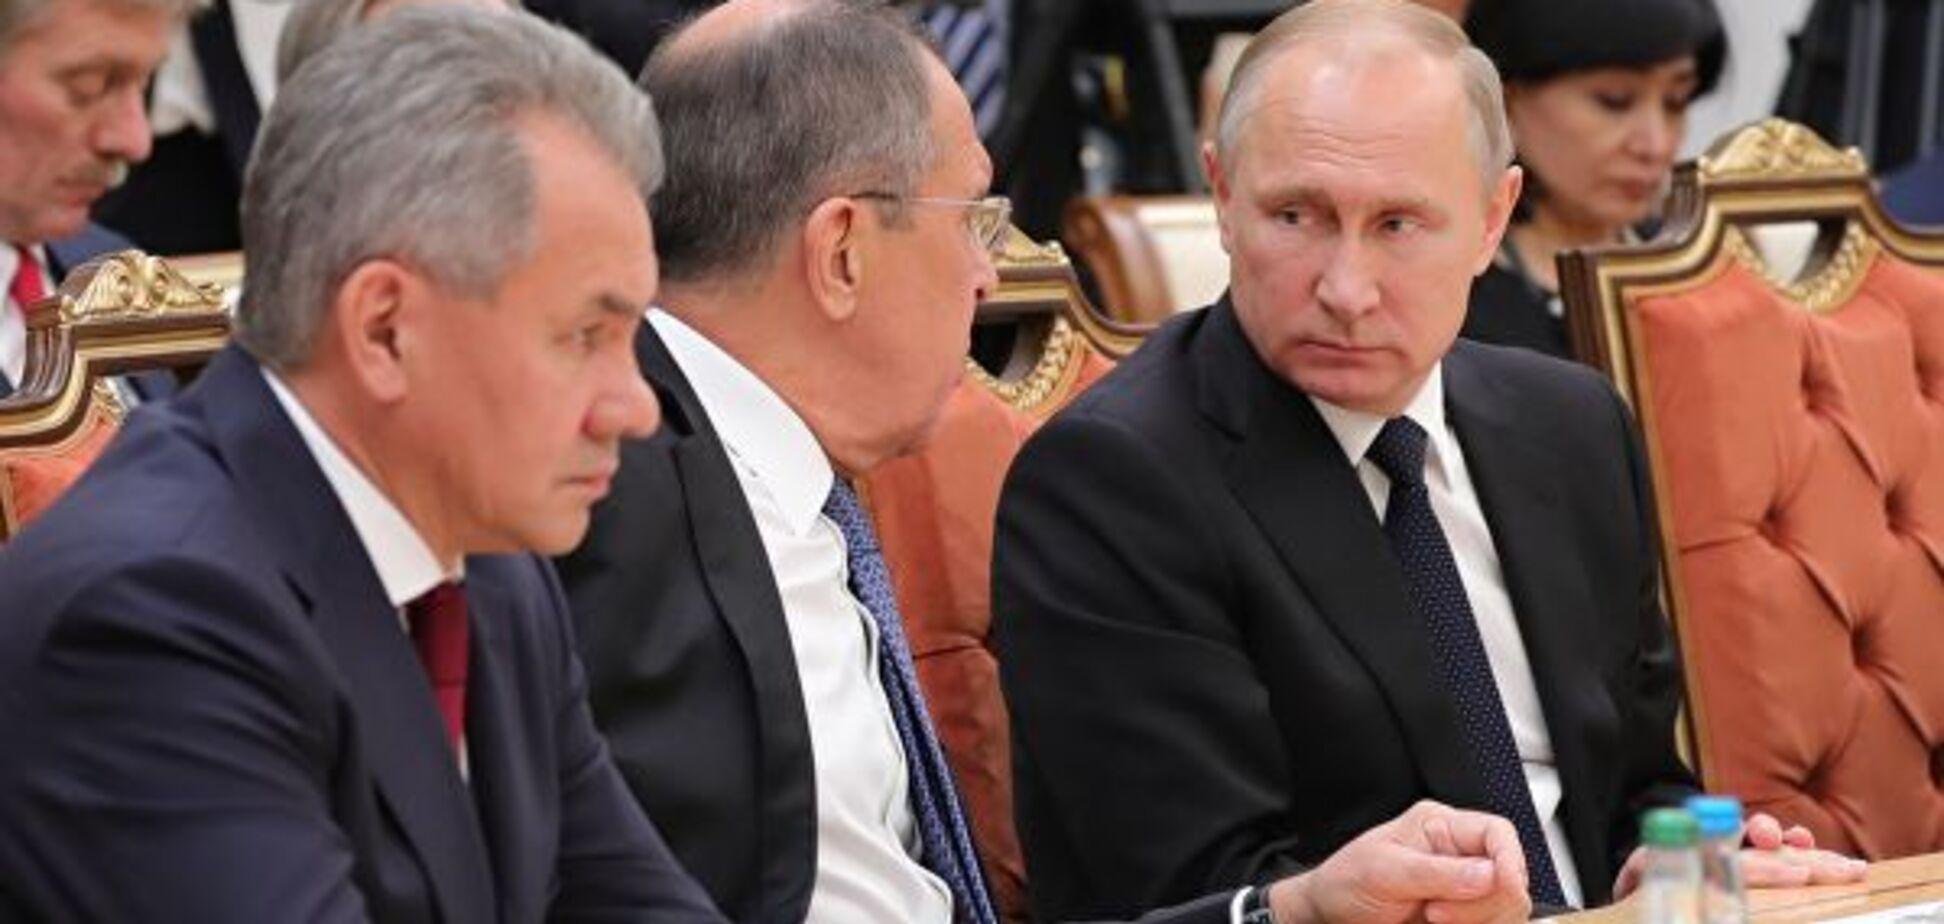 Лаврова и Шойгу на пенсию? Белковский заявил о радикальных перестановках в Кремле